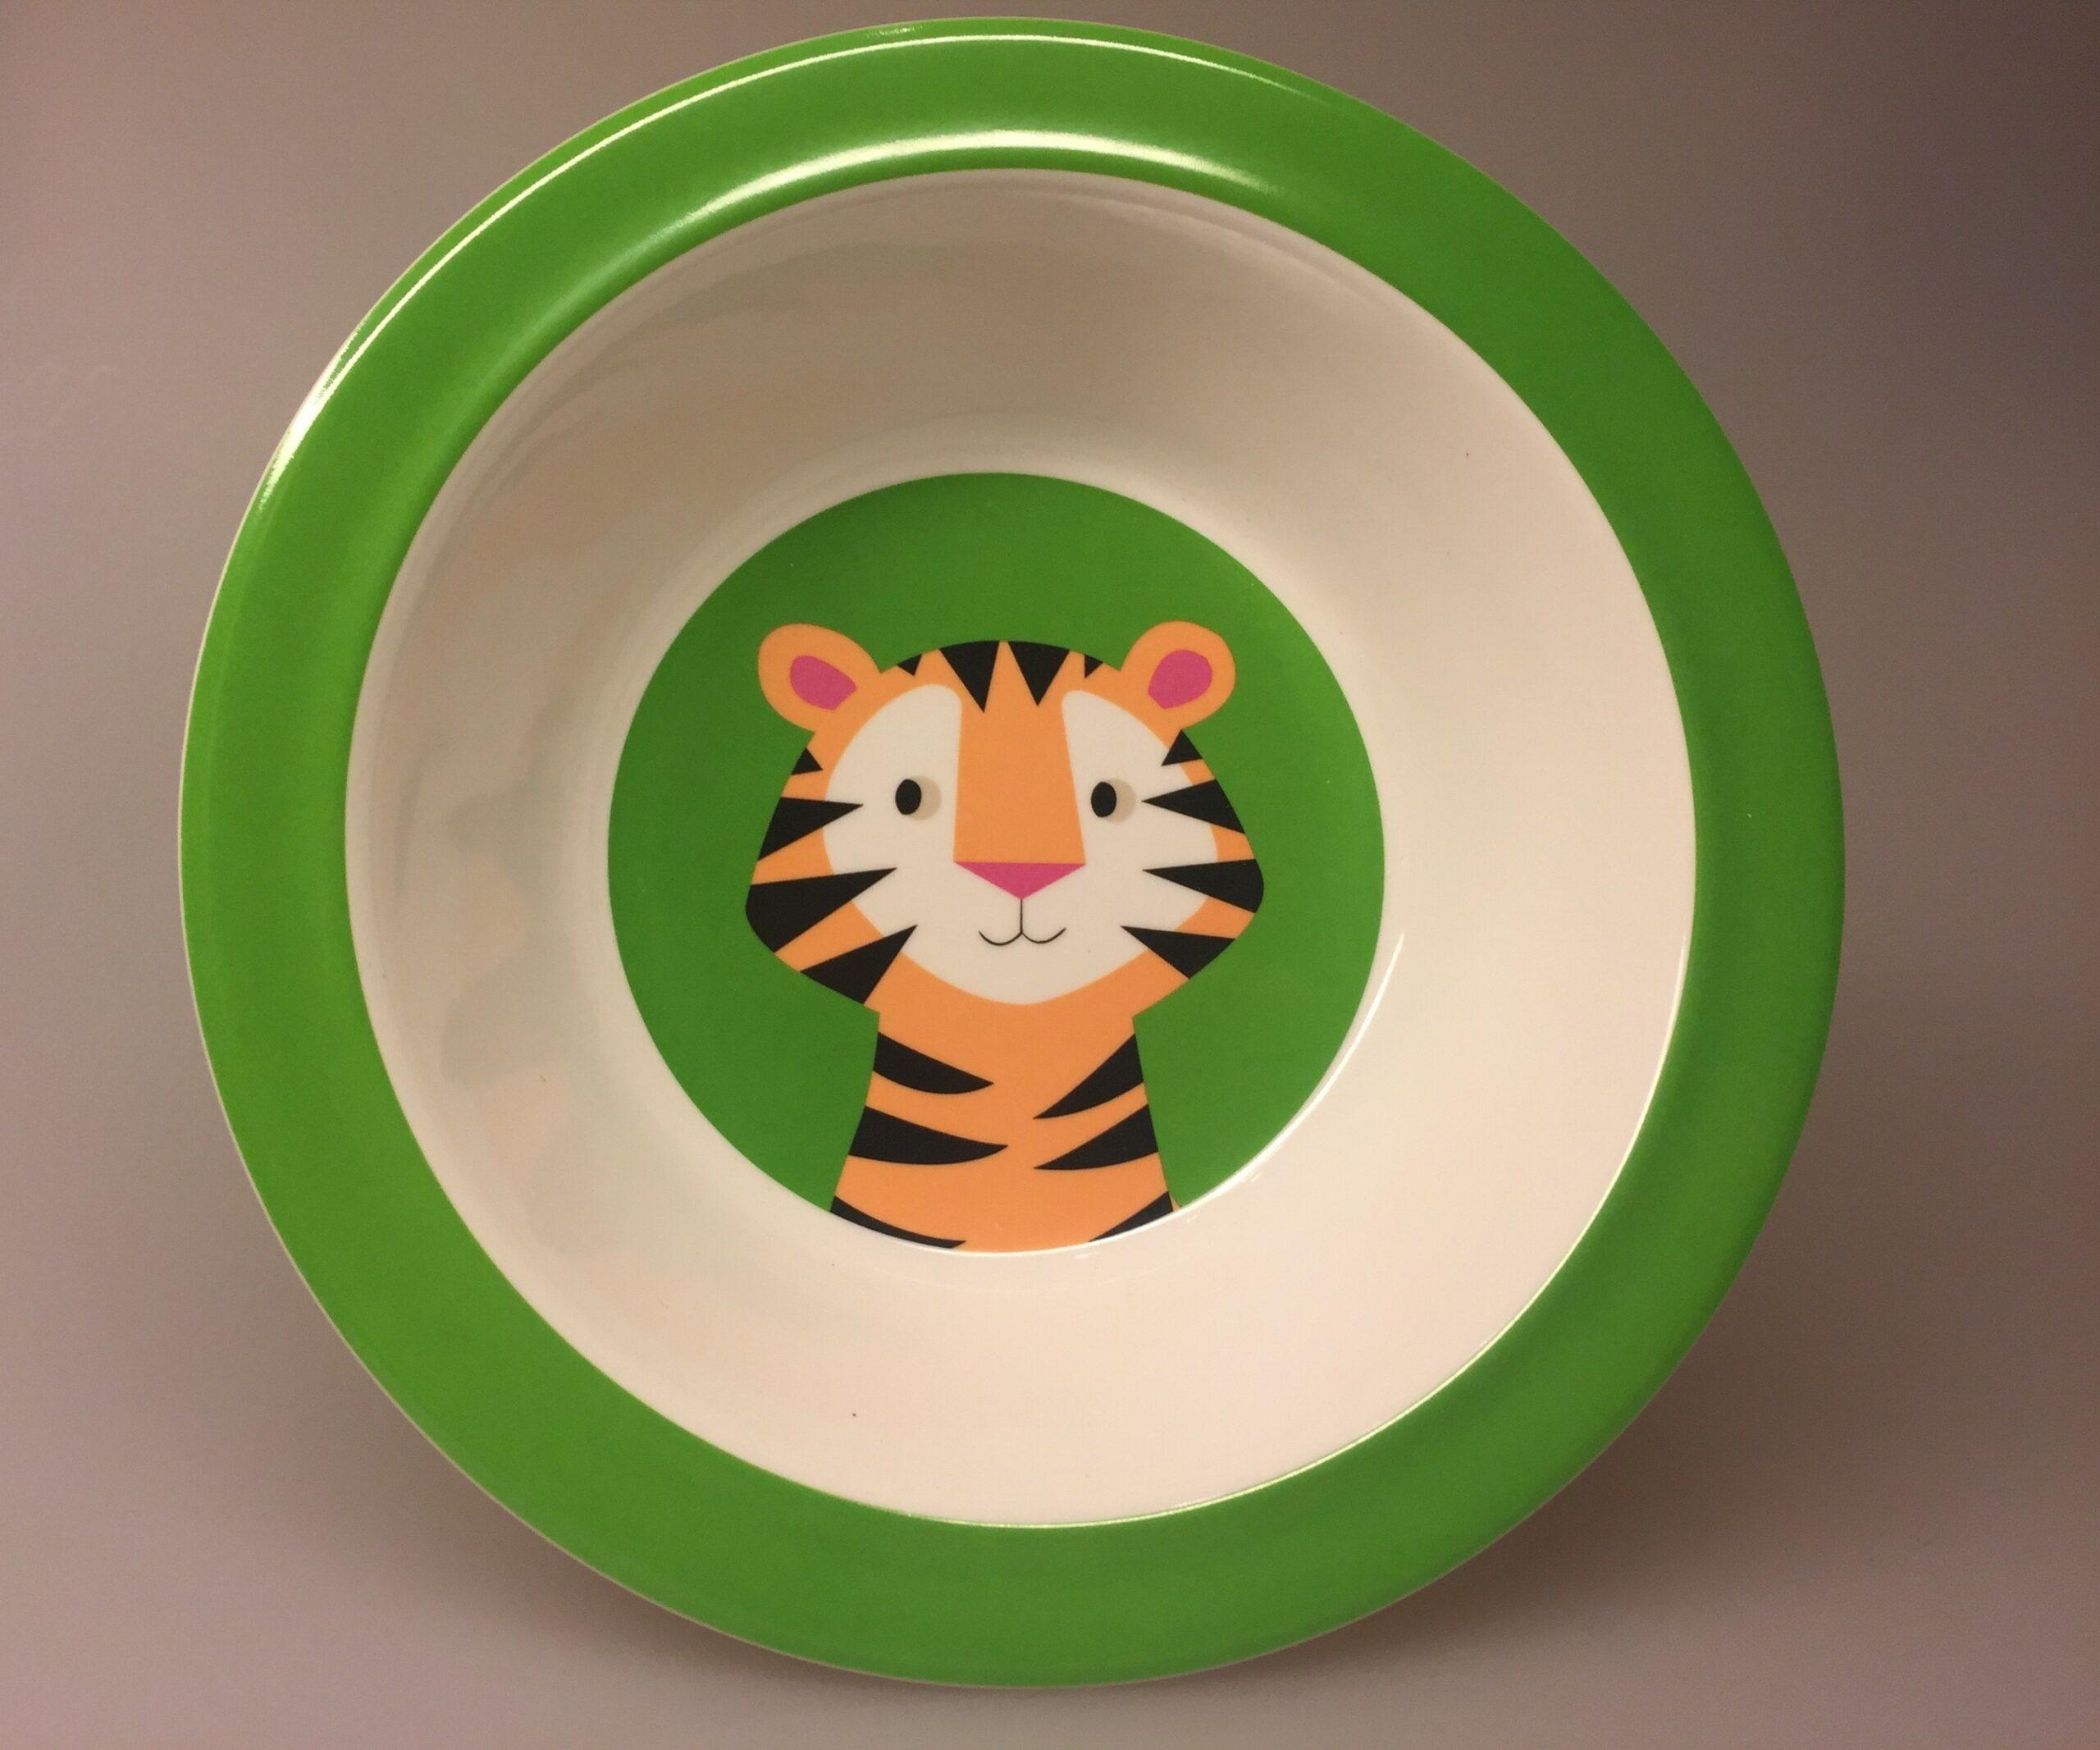 Tallerken - Dyb - Tiger, tigerskål, skål, morgenmad, morgenmadsskål, børneskål, børnetallerken, vilde dyr, safari, grøn, frisk, sød, sej, praktisk,